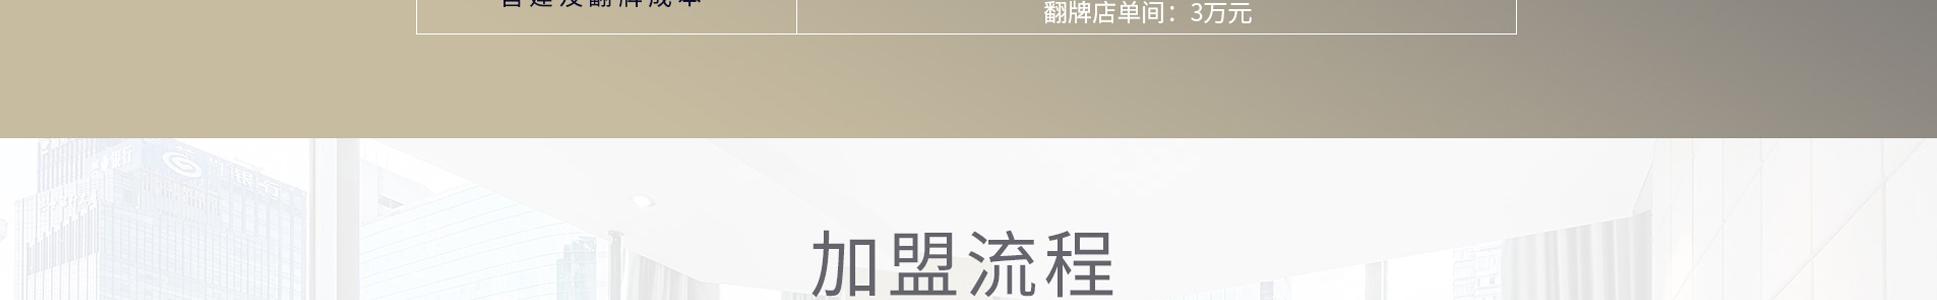 Zsmart智尚酒店zsjd_25